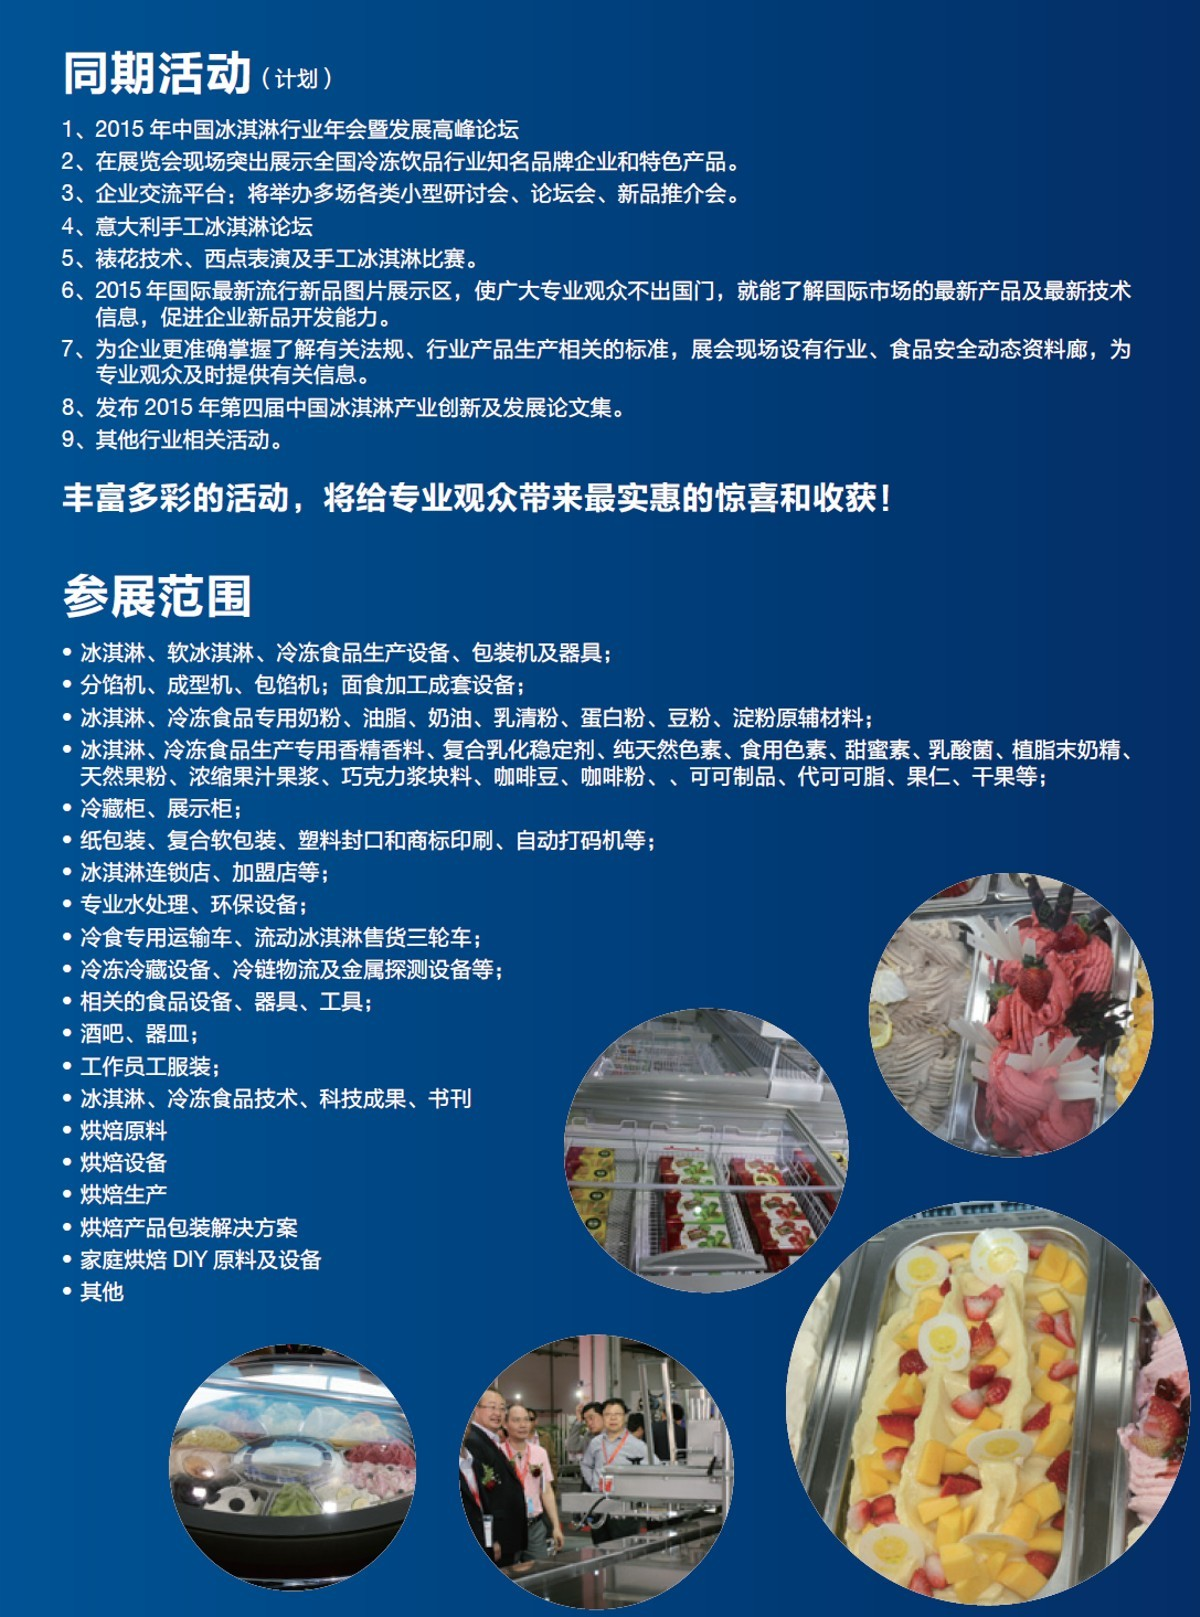 新国际博览中心展会预告-秋季焙烤、冰激凌展